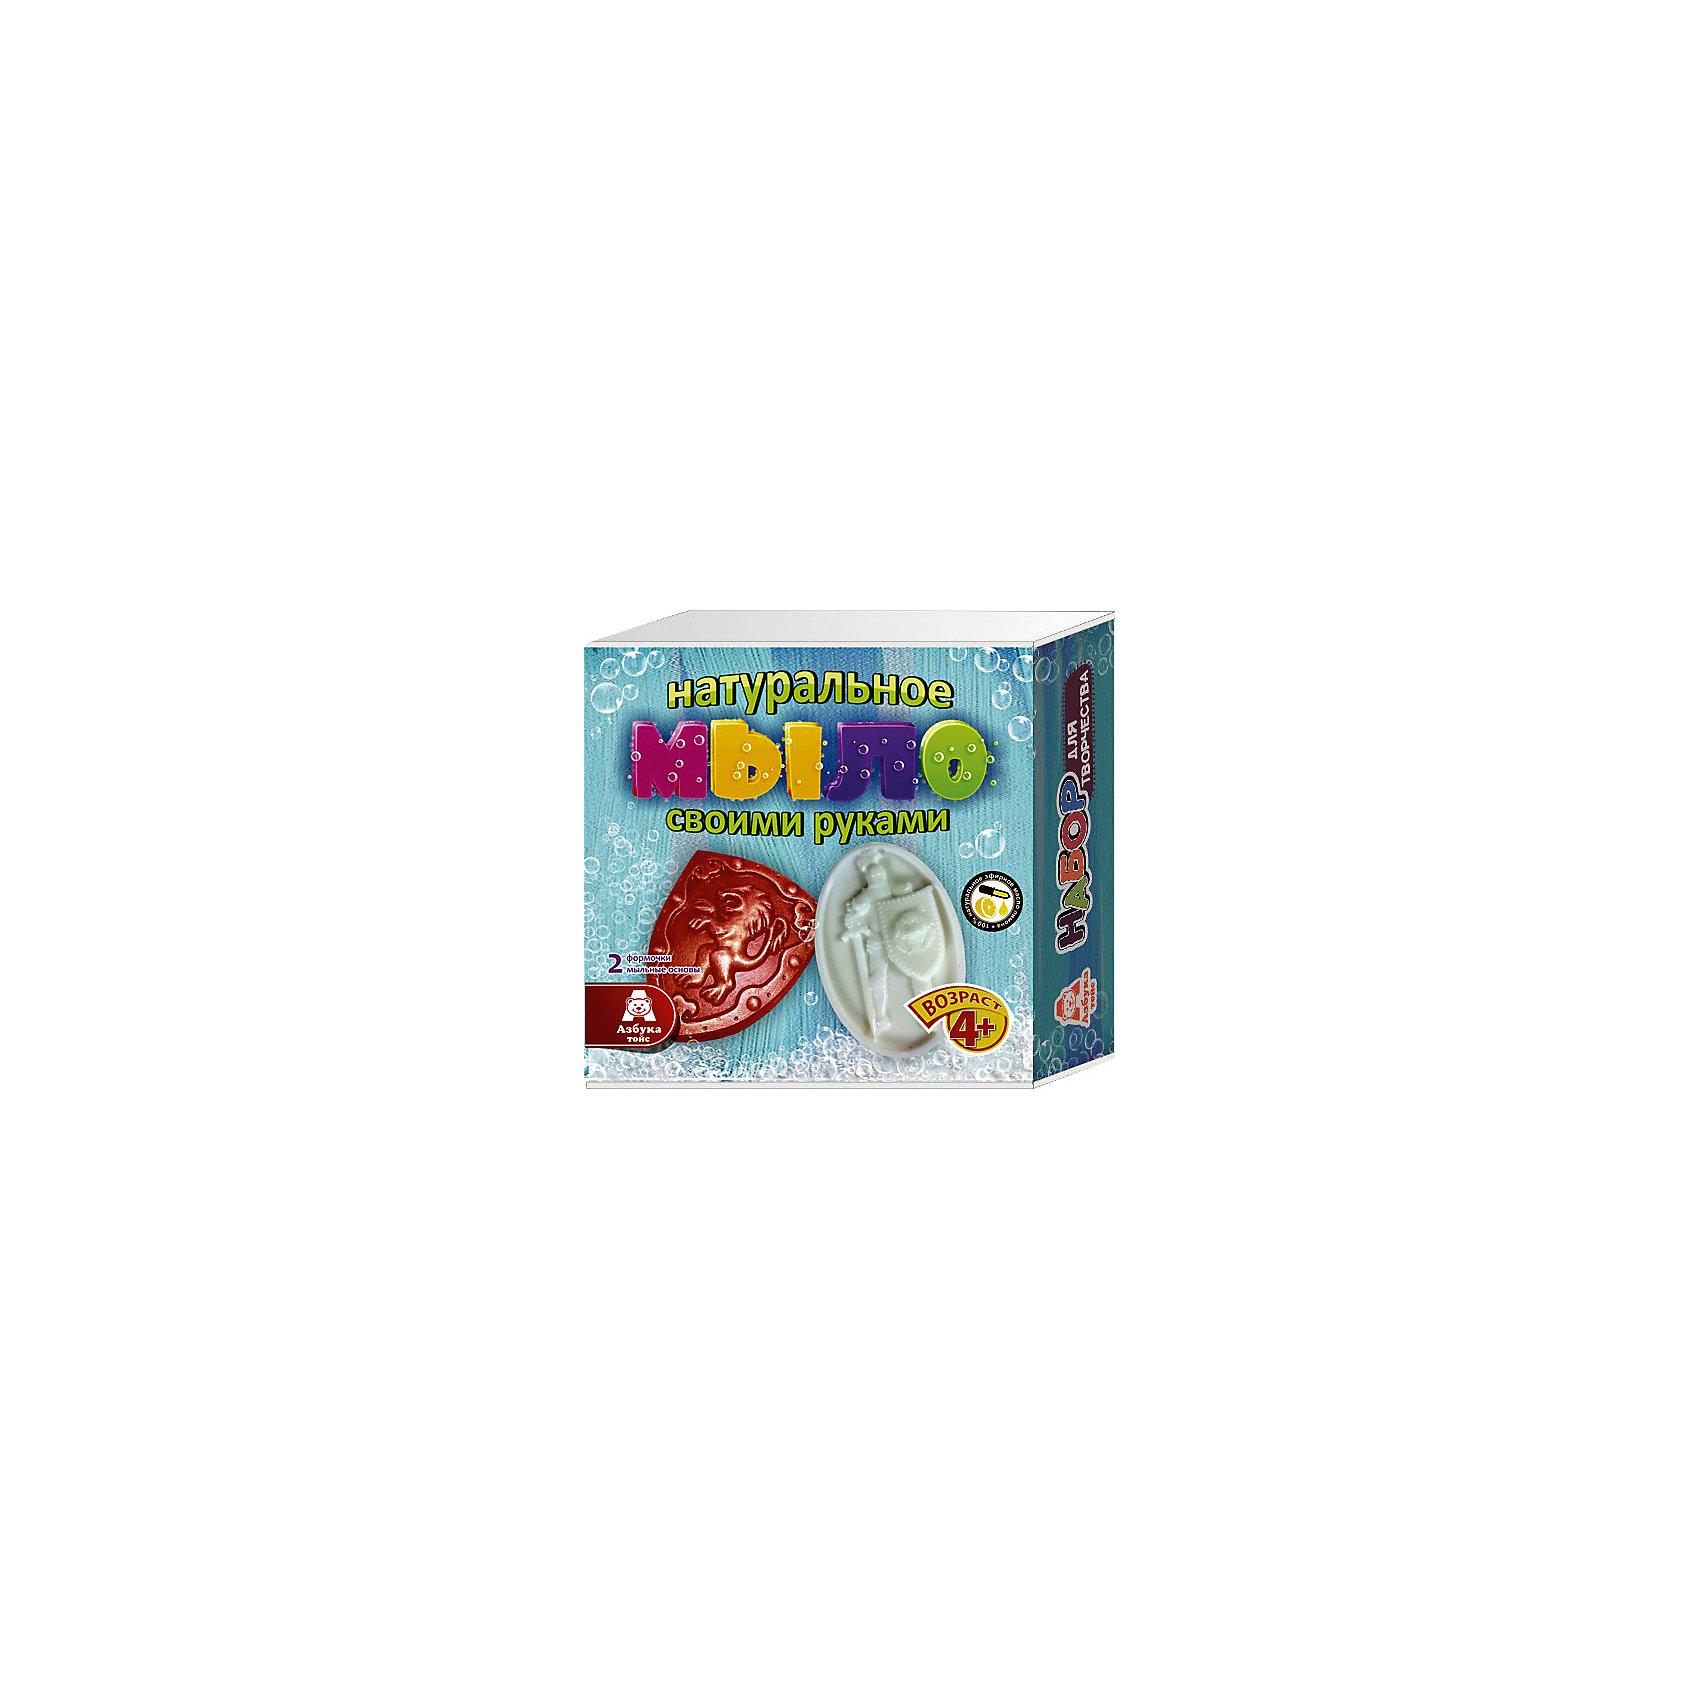 Мыло Храбрый рыцарьХарактеристики товара:<br><br>• упаковка: коробка<br>• количество цветов: 5<br>• возраст: 4+<br>• масса: 260 г<br>• габариты: 50х140х140 мм<br>• комплектация: натуральная мыльная основа (5 видов), эфирное масло (5 видов), деревянная палочка, емкость для растапливания, формочки - 5 шт., инструкция<br>• страна бренда: РФ<br>• страна изготовитель: РФ<br><br>Мыловарение – интересный и необычный способ занять малыша. Ошибочно полагать, что создавать мыло – творчество только для девочек. В новом наборе формочки позволяют варить мыло в форме различных предметов. На выходе у ребенка получится настоящее мыло, готовое к использованию. Благодаря эфирным маслам оно будет приятно пахнуть. В наборе есть все необходимое для создания продукта.<br>Набор станет отличным подарком ребенку, так как он сможет сам сделать полезную вещь для себя или в качестве подарка близким! Материалы, использованные при изготовлении товара, сертифицированы и отвечают всем международным требованиям по качеству. <br><br>Набор Мыло Храбрый рыцарь от бренда Азбука Тойс можно приобрести в нашем интернет-магазине.<br><br>Ширина мм: 140<br>Глубина мм: 50<br>Высота мм: 140<br>Вес г: 260<br>Возраст от месяцев: 48<br>Возраст до месяцев: 96<br>Пол: Мужской<br>Возраст: Детский<br>SKU: 5062856